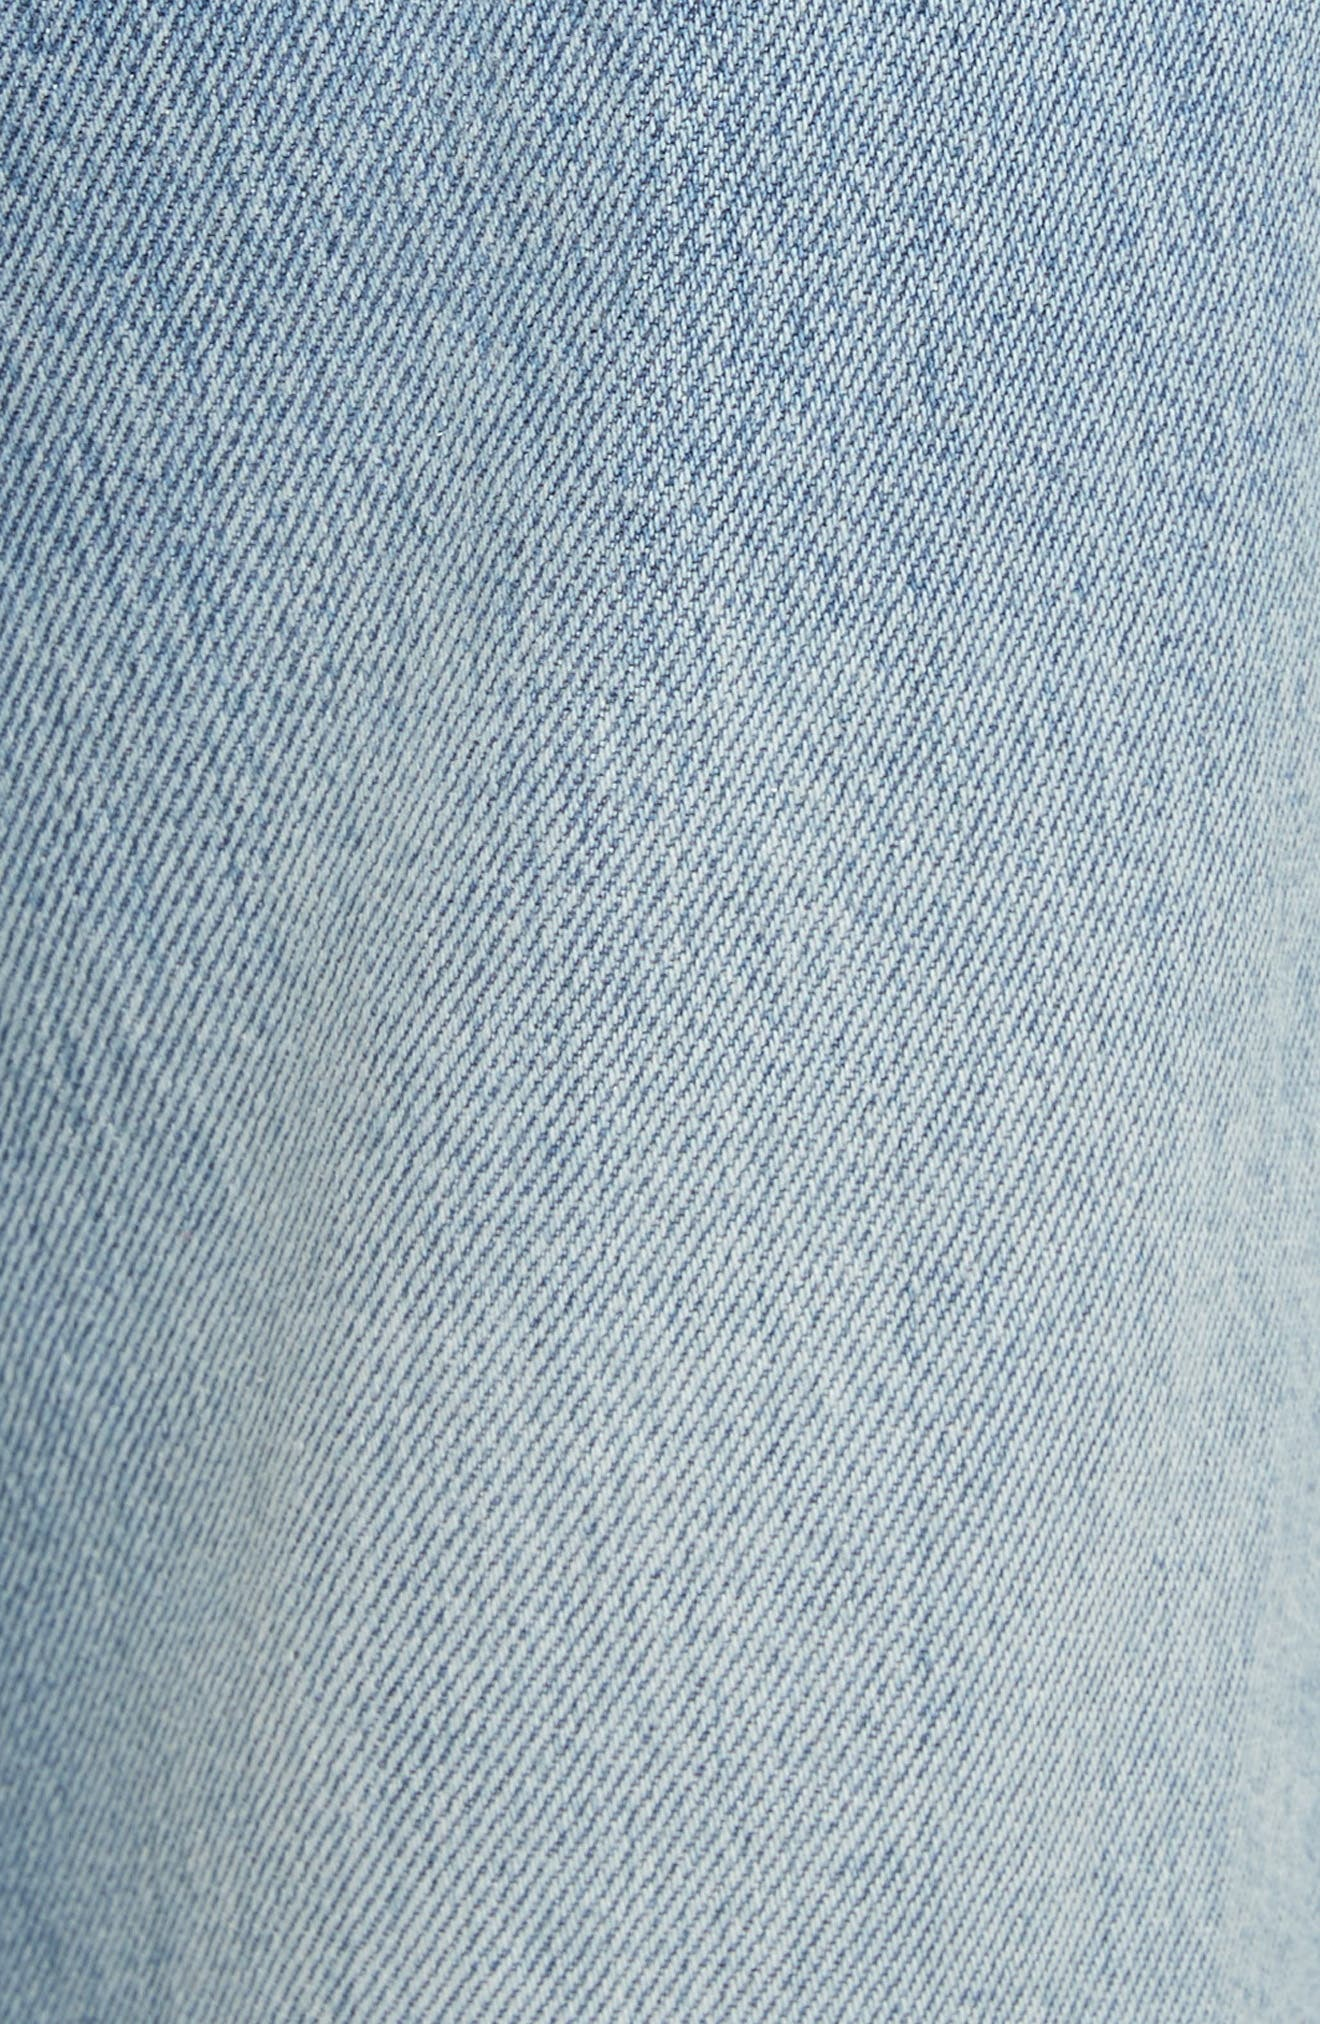 Pom Trim Crop Jeans,                             Alternate thumbnail 5, color,                             489